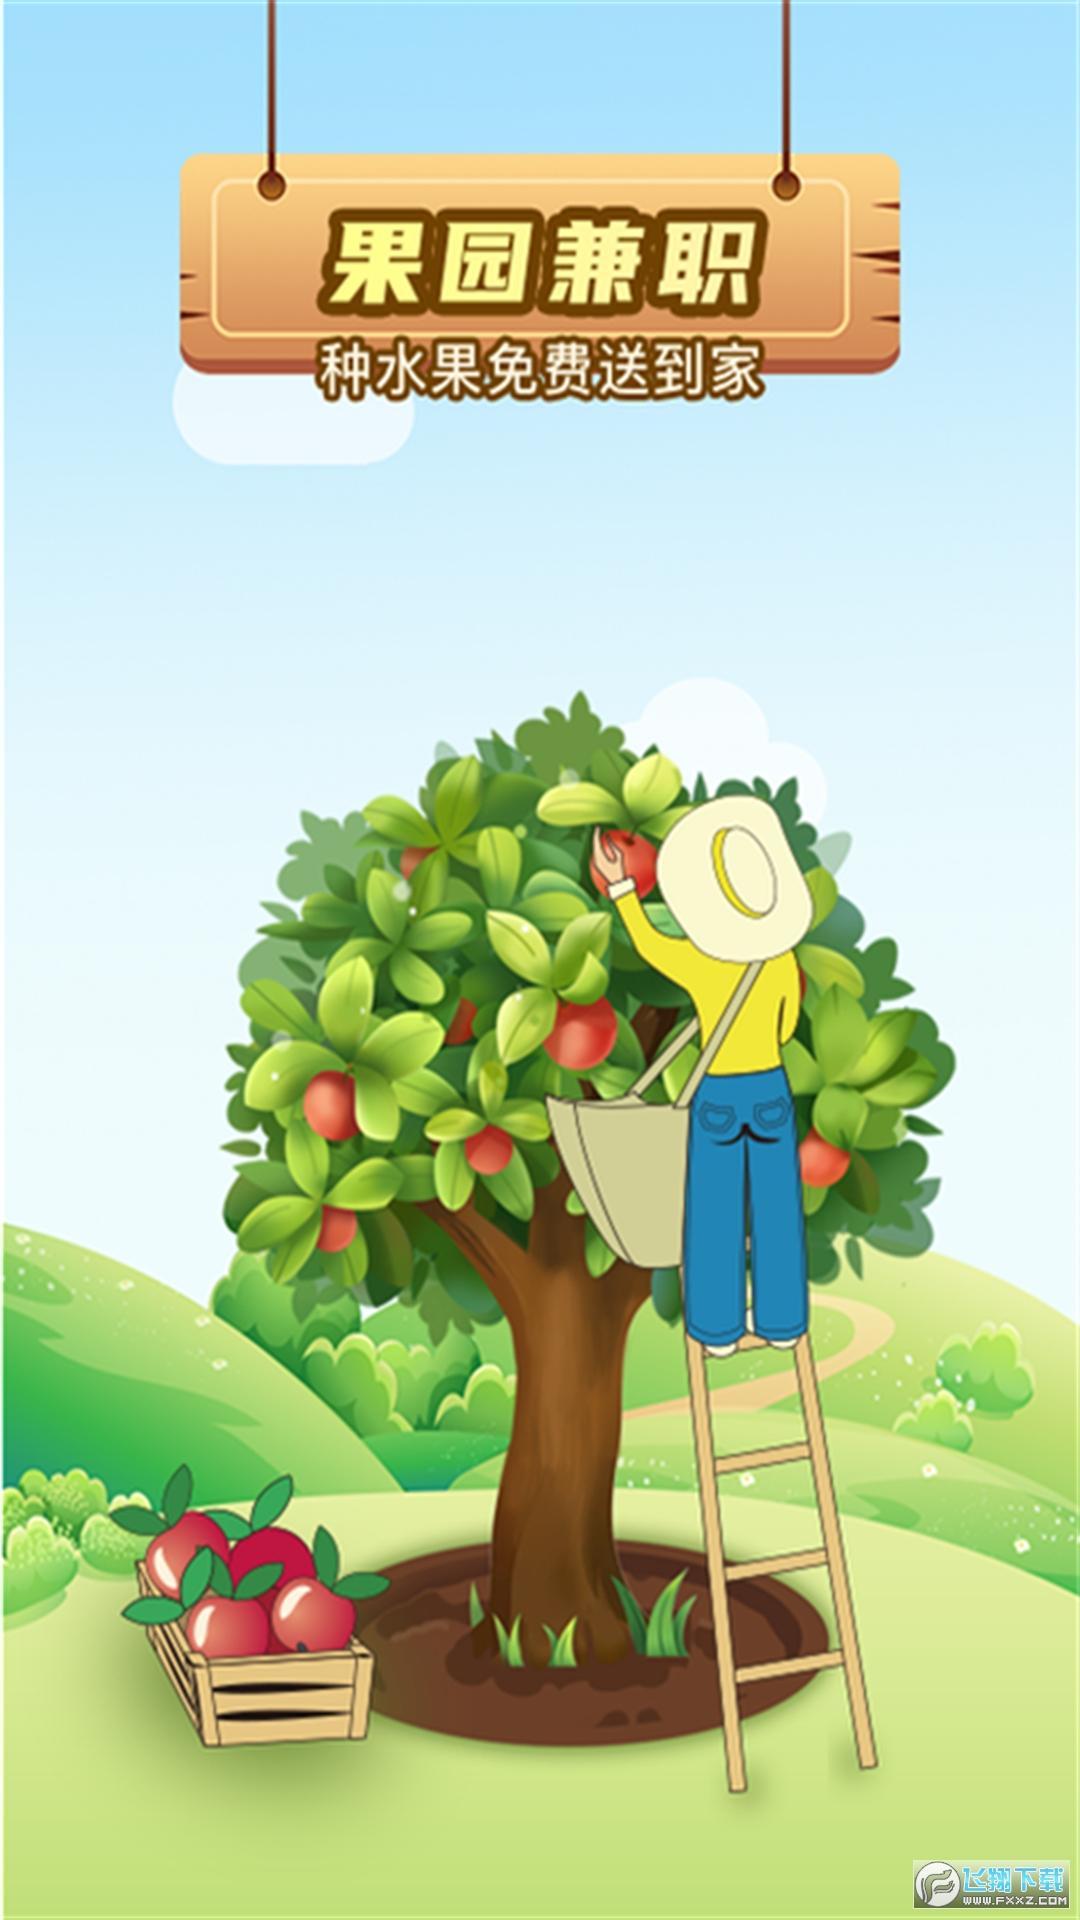 果园兼职红包版领水果抽手机app1.0.11免费版截图0